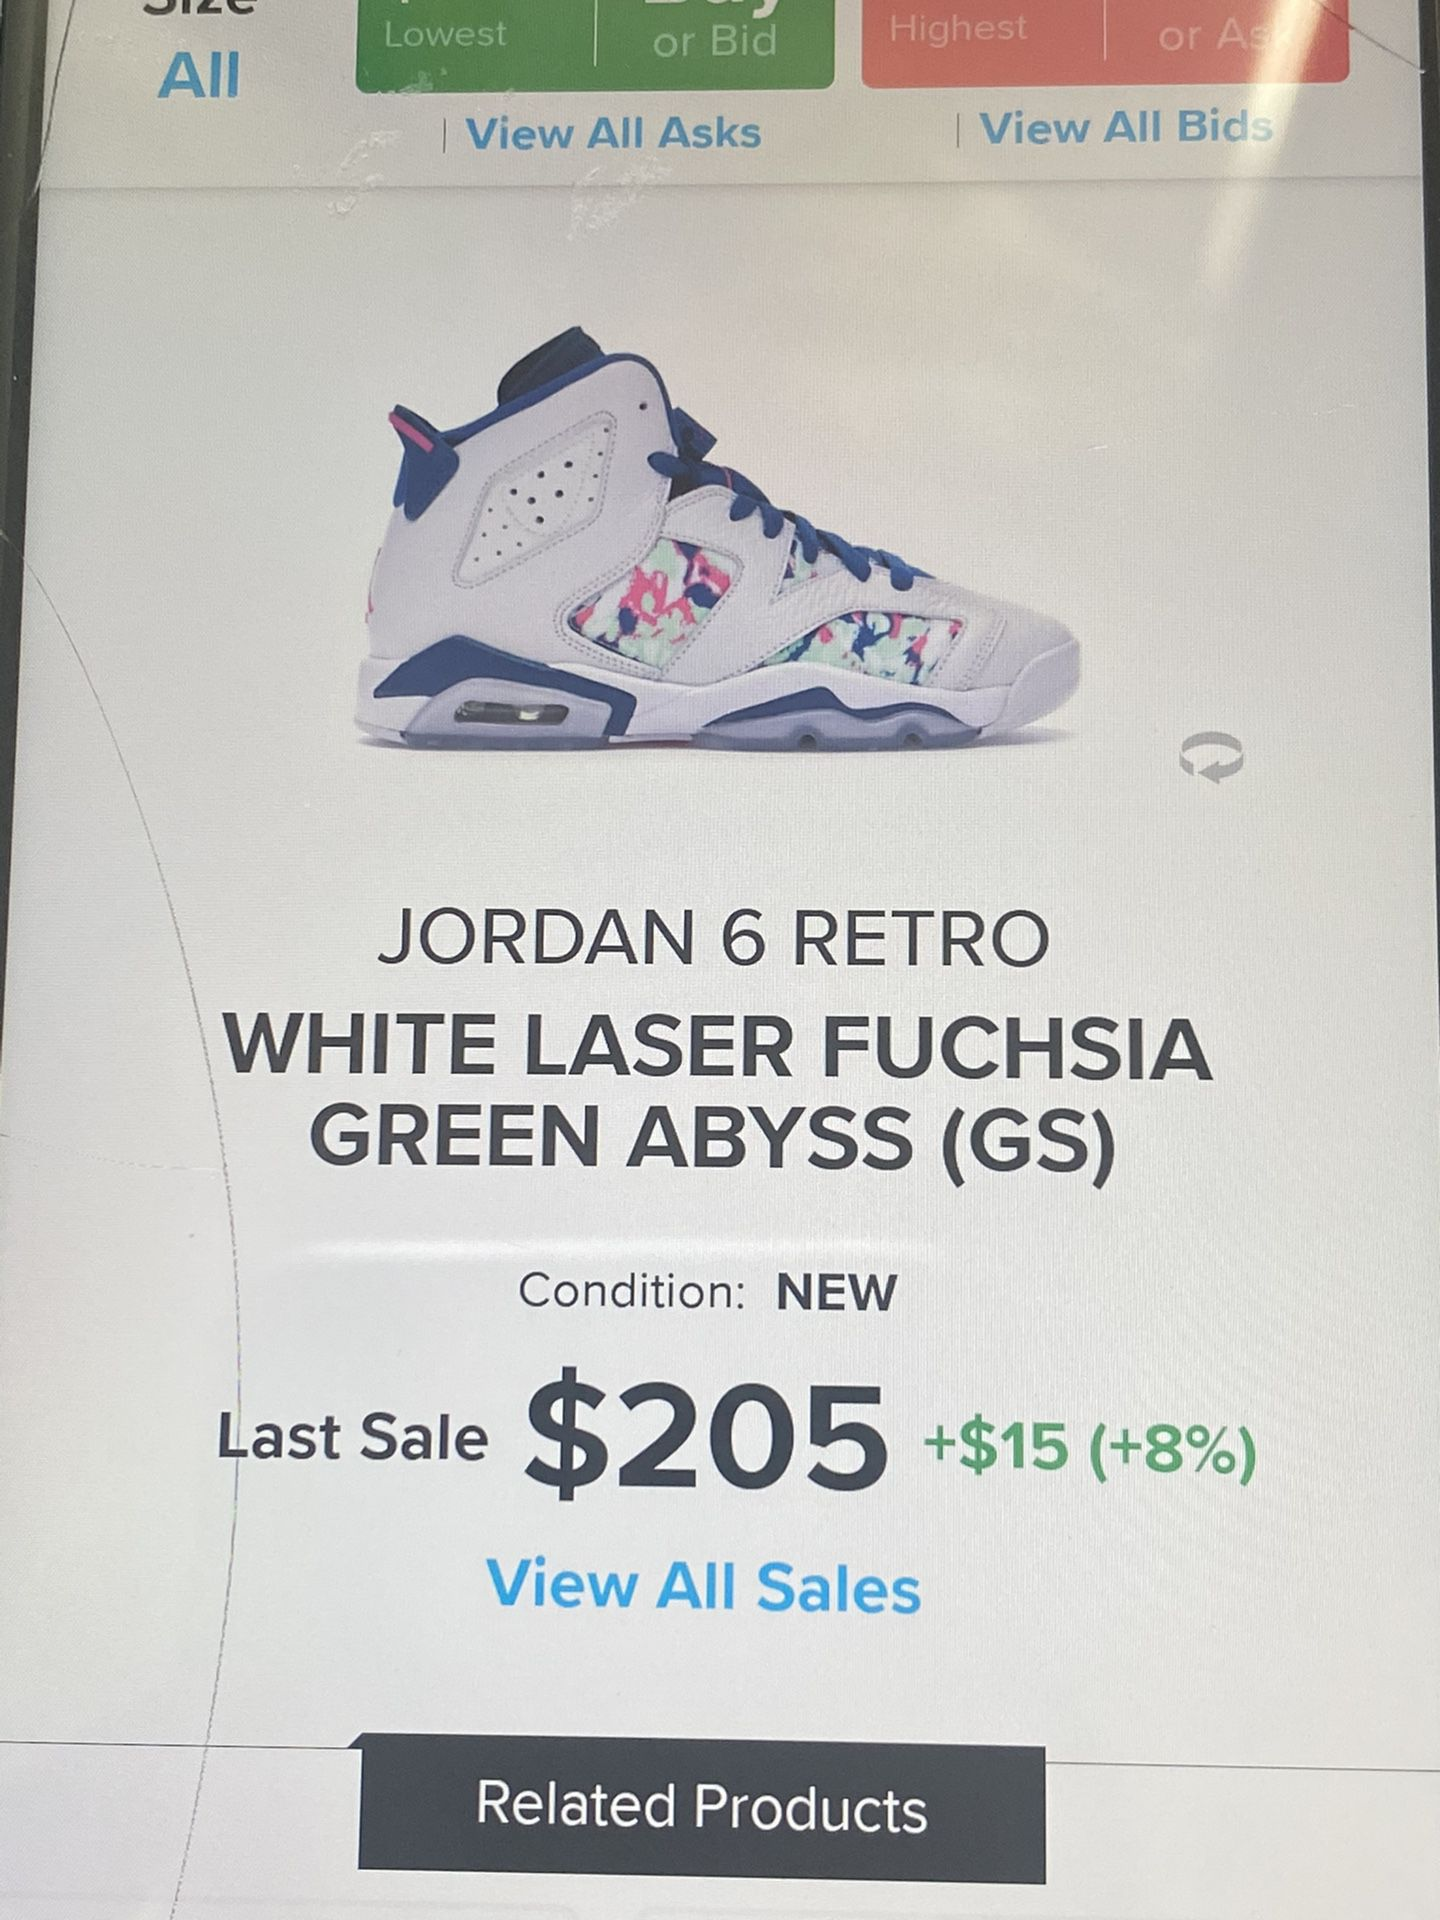 Jordan 6 Retro